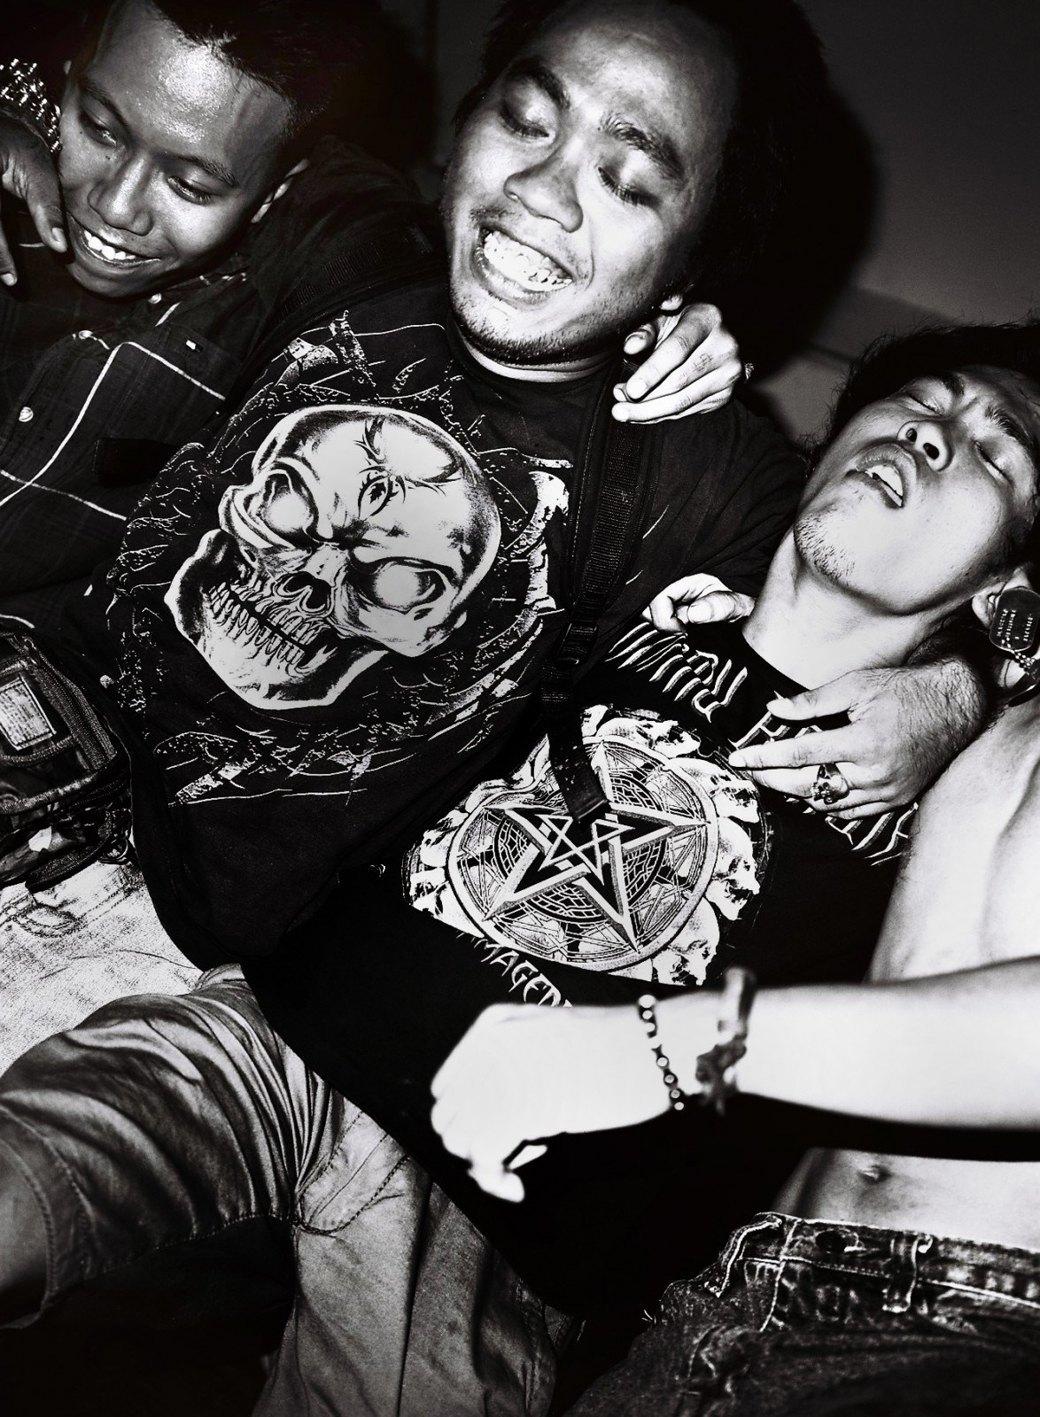 Азиатский андеграунд: Панк, грайндкор и экстремальный метал по-вьетнамски . Изображение № 19.